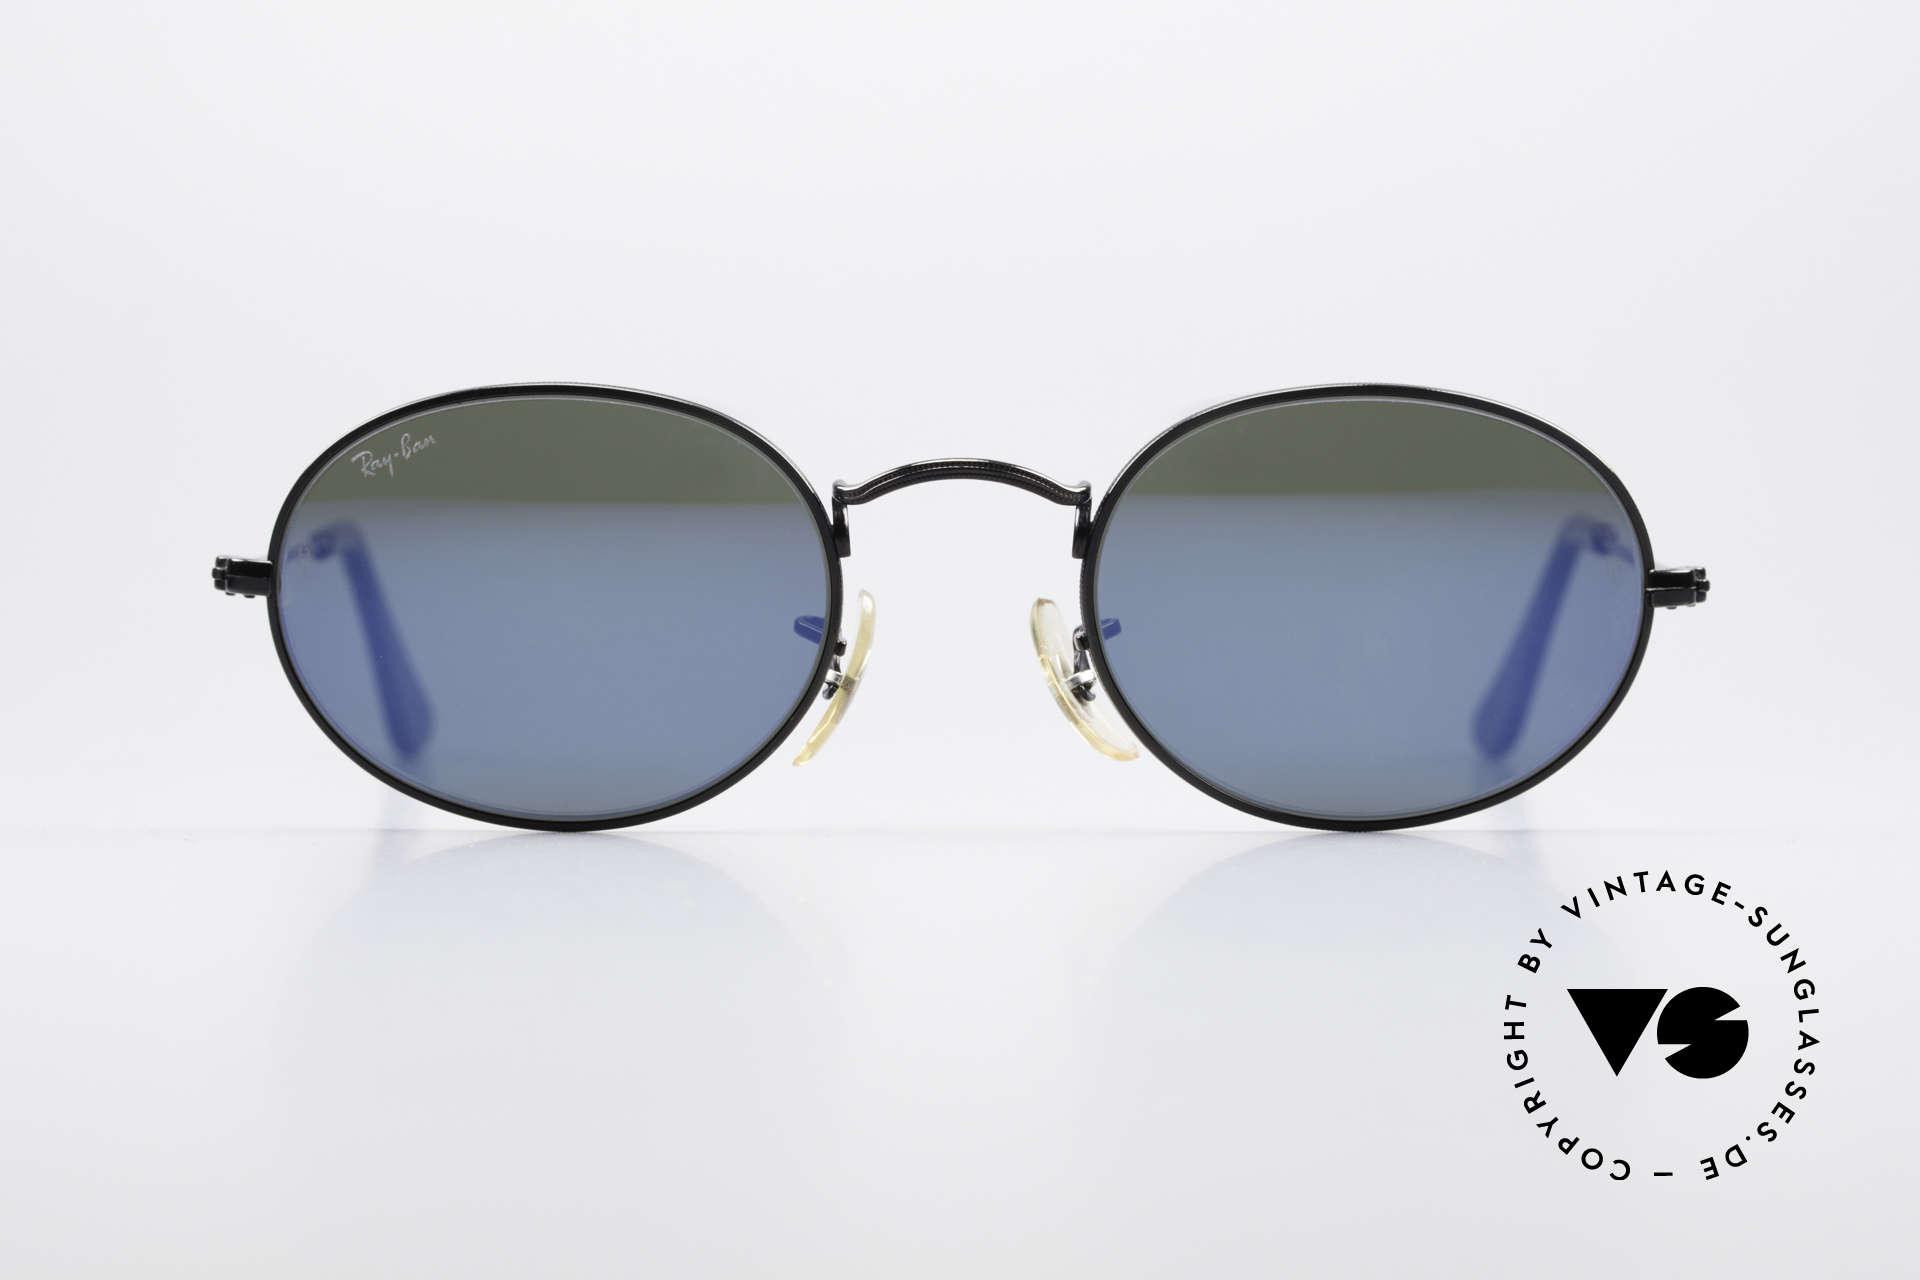 Vintage Retro Nerd Classic Herren Damen Sonnenbrille Blaugrün Verspiegelt UV 400